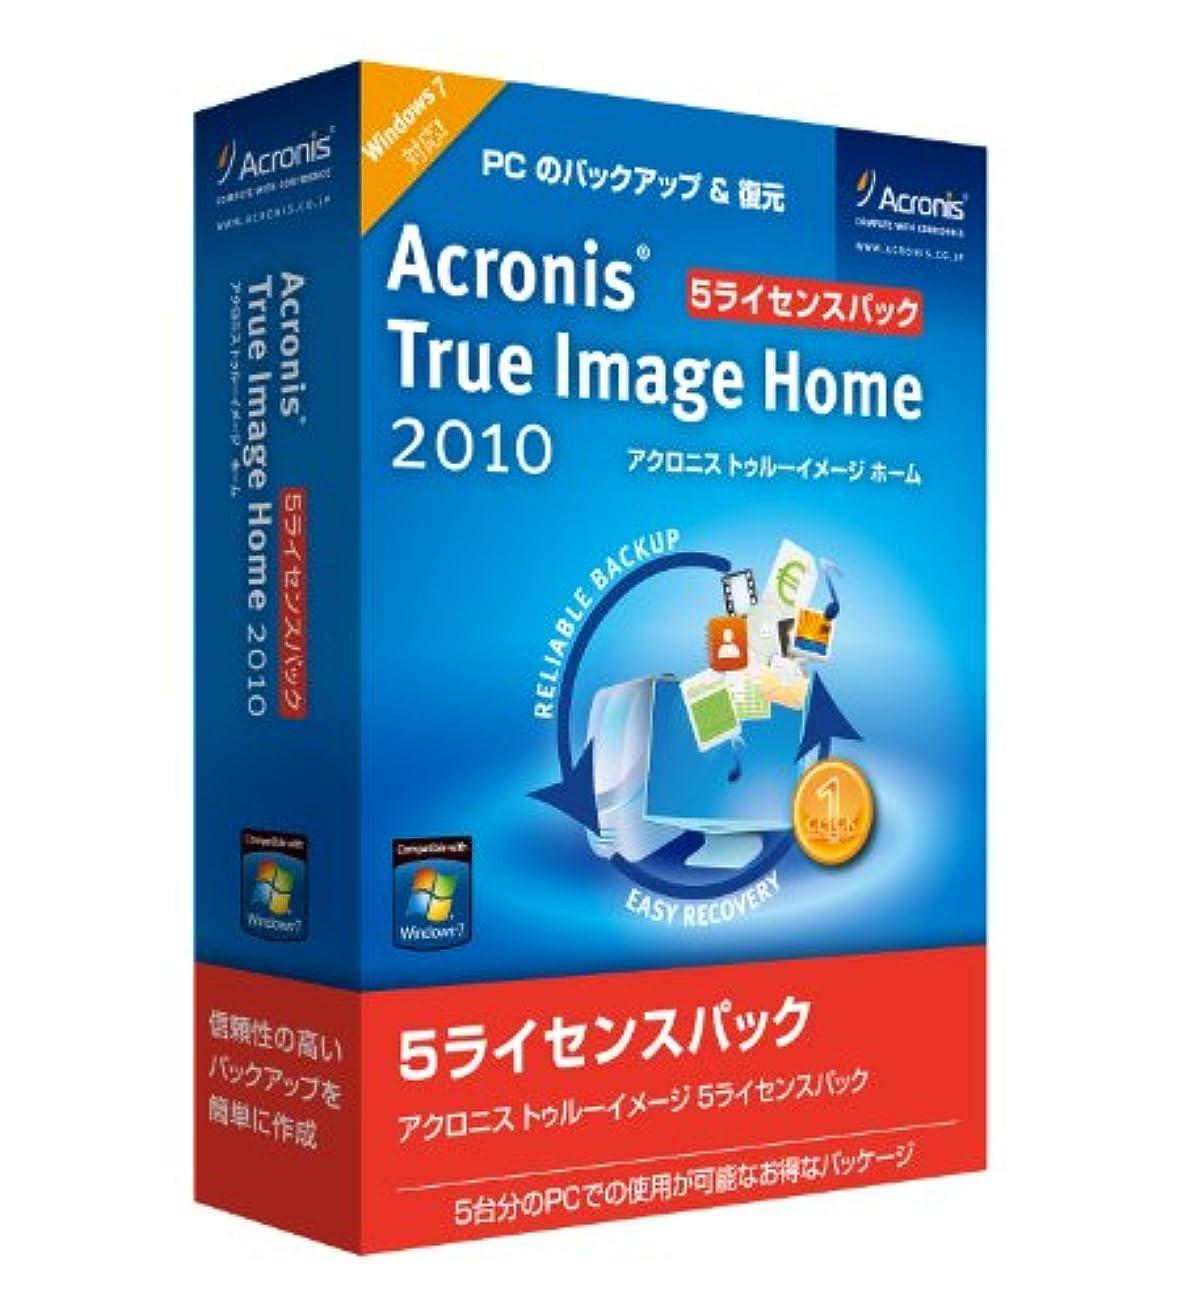 月必要ない製作Acronis True Image Home 2010 5ライセンスパック